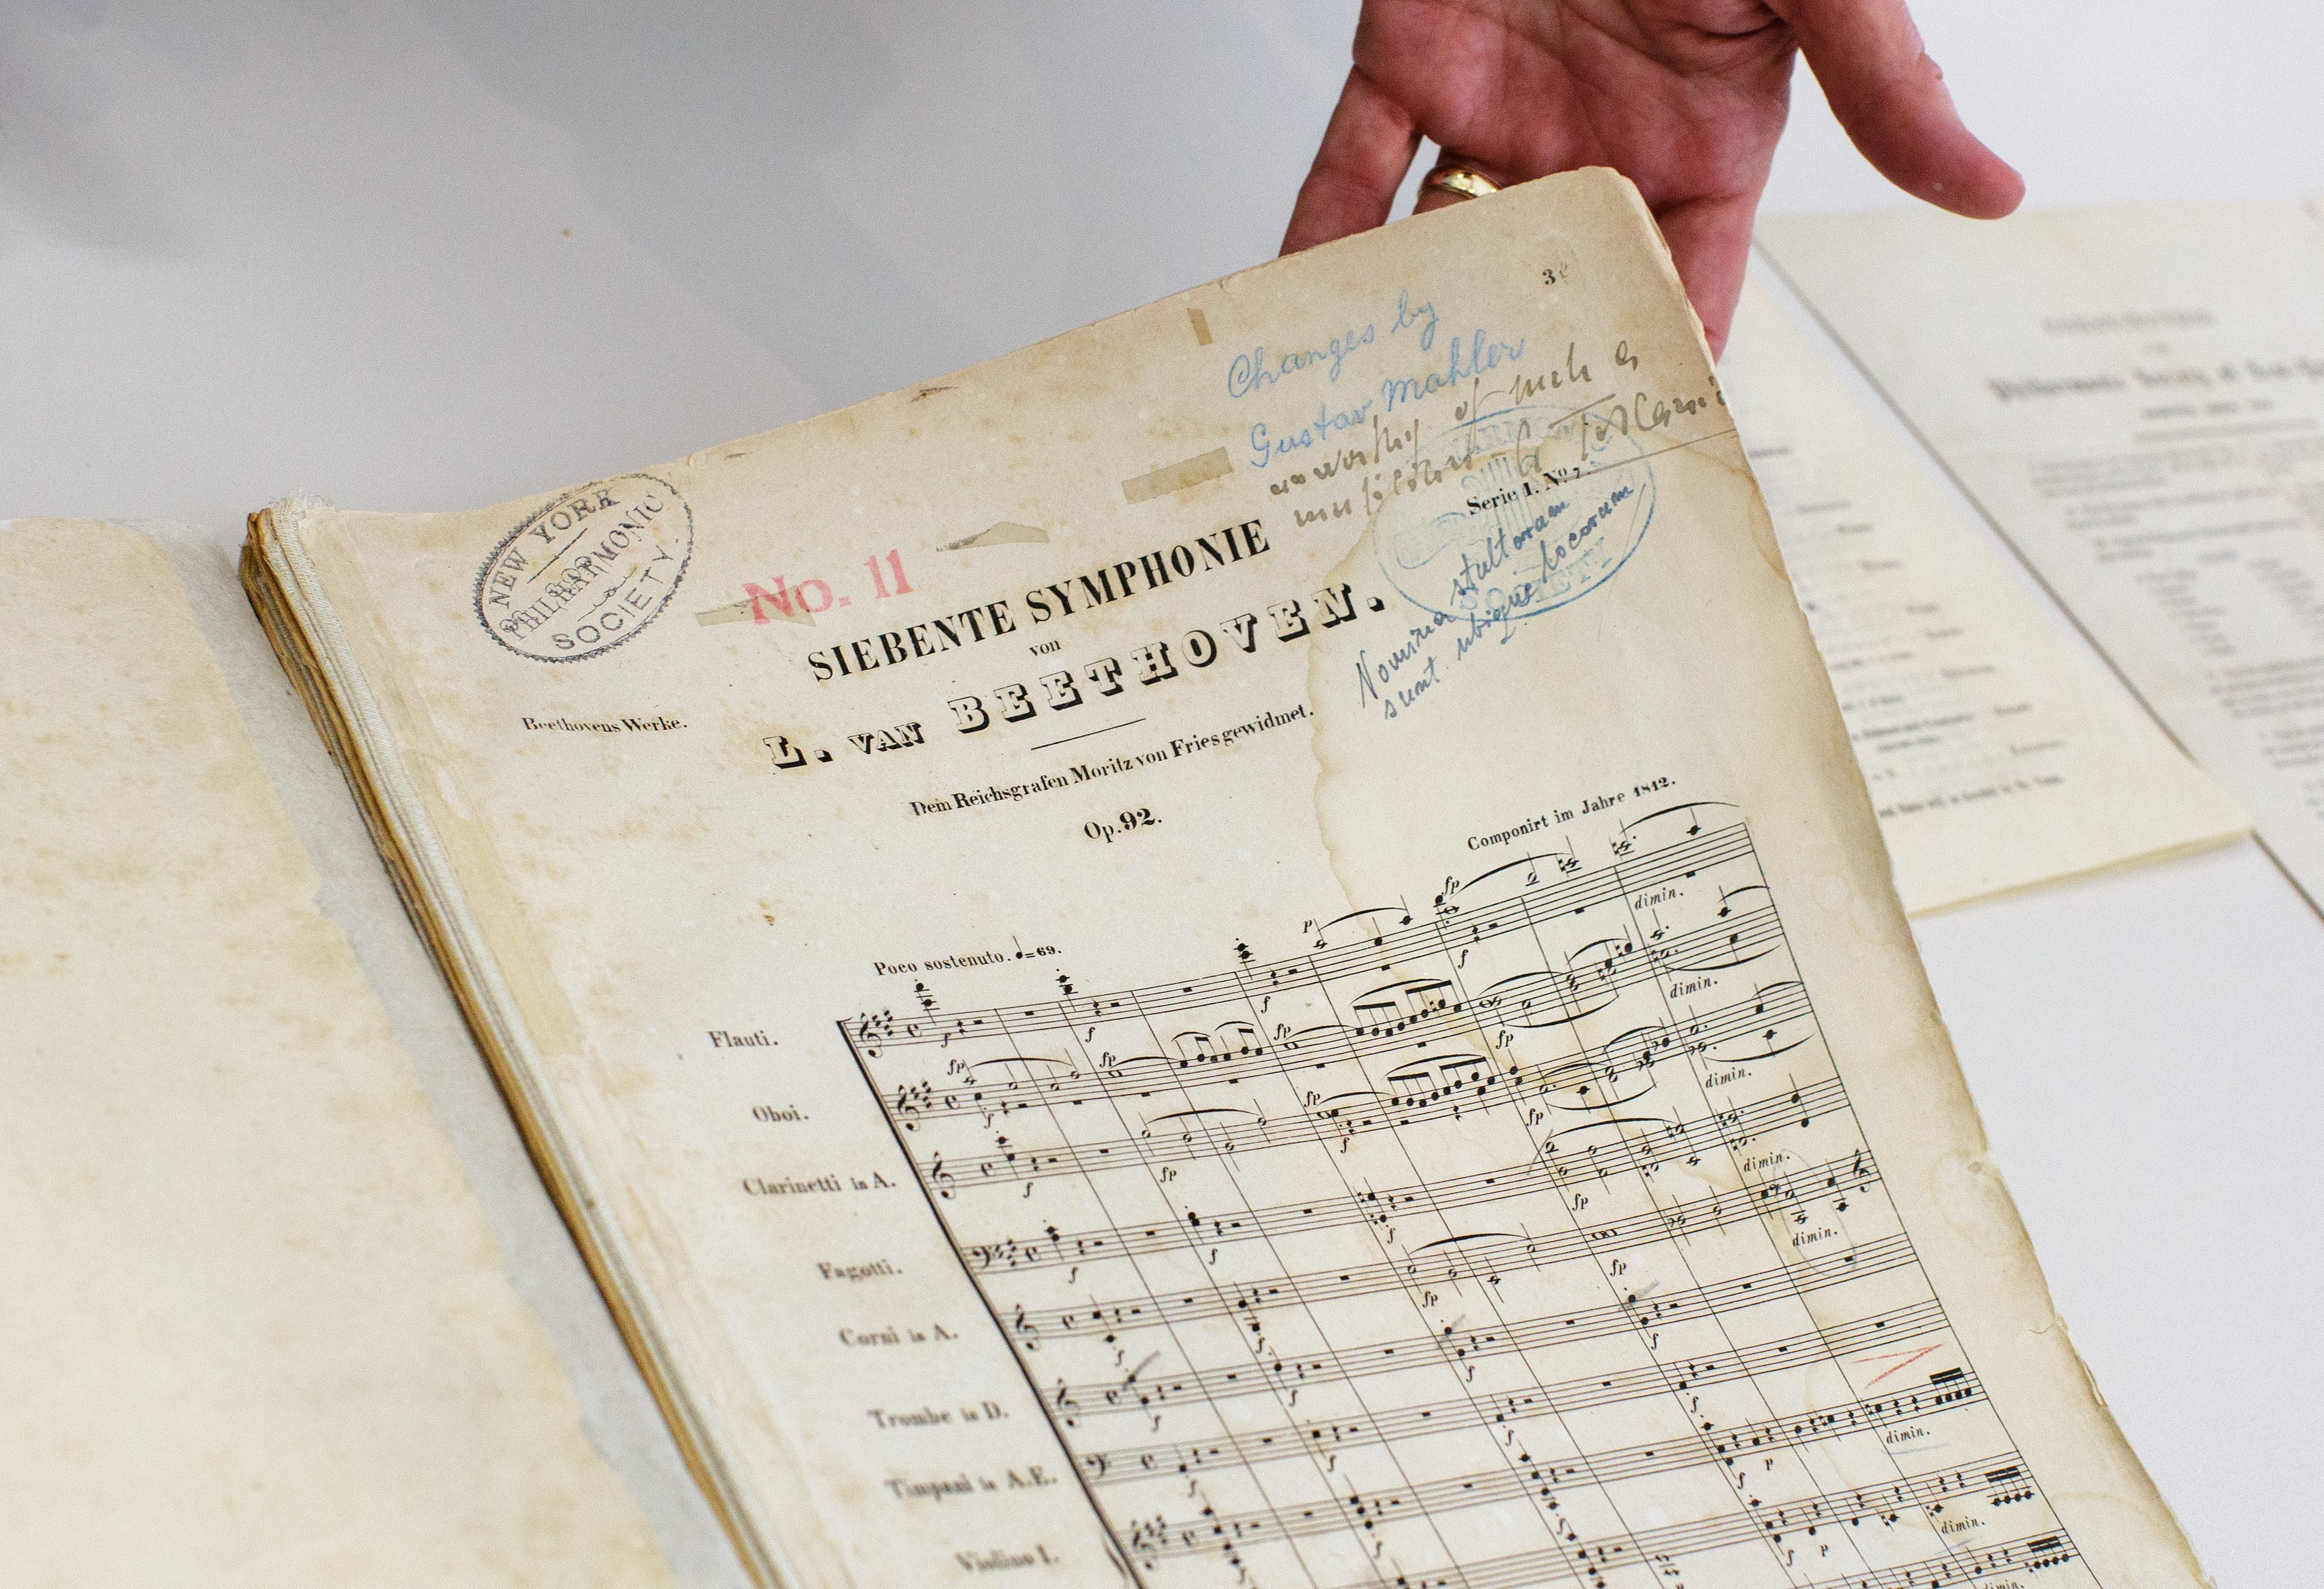 O desafio de um grupo de musicólogos: completar sinfonia inacabada de Beethoven com Inteligência Artificial